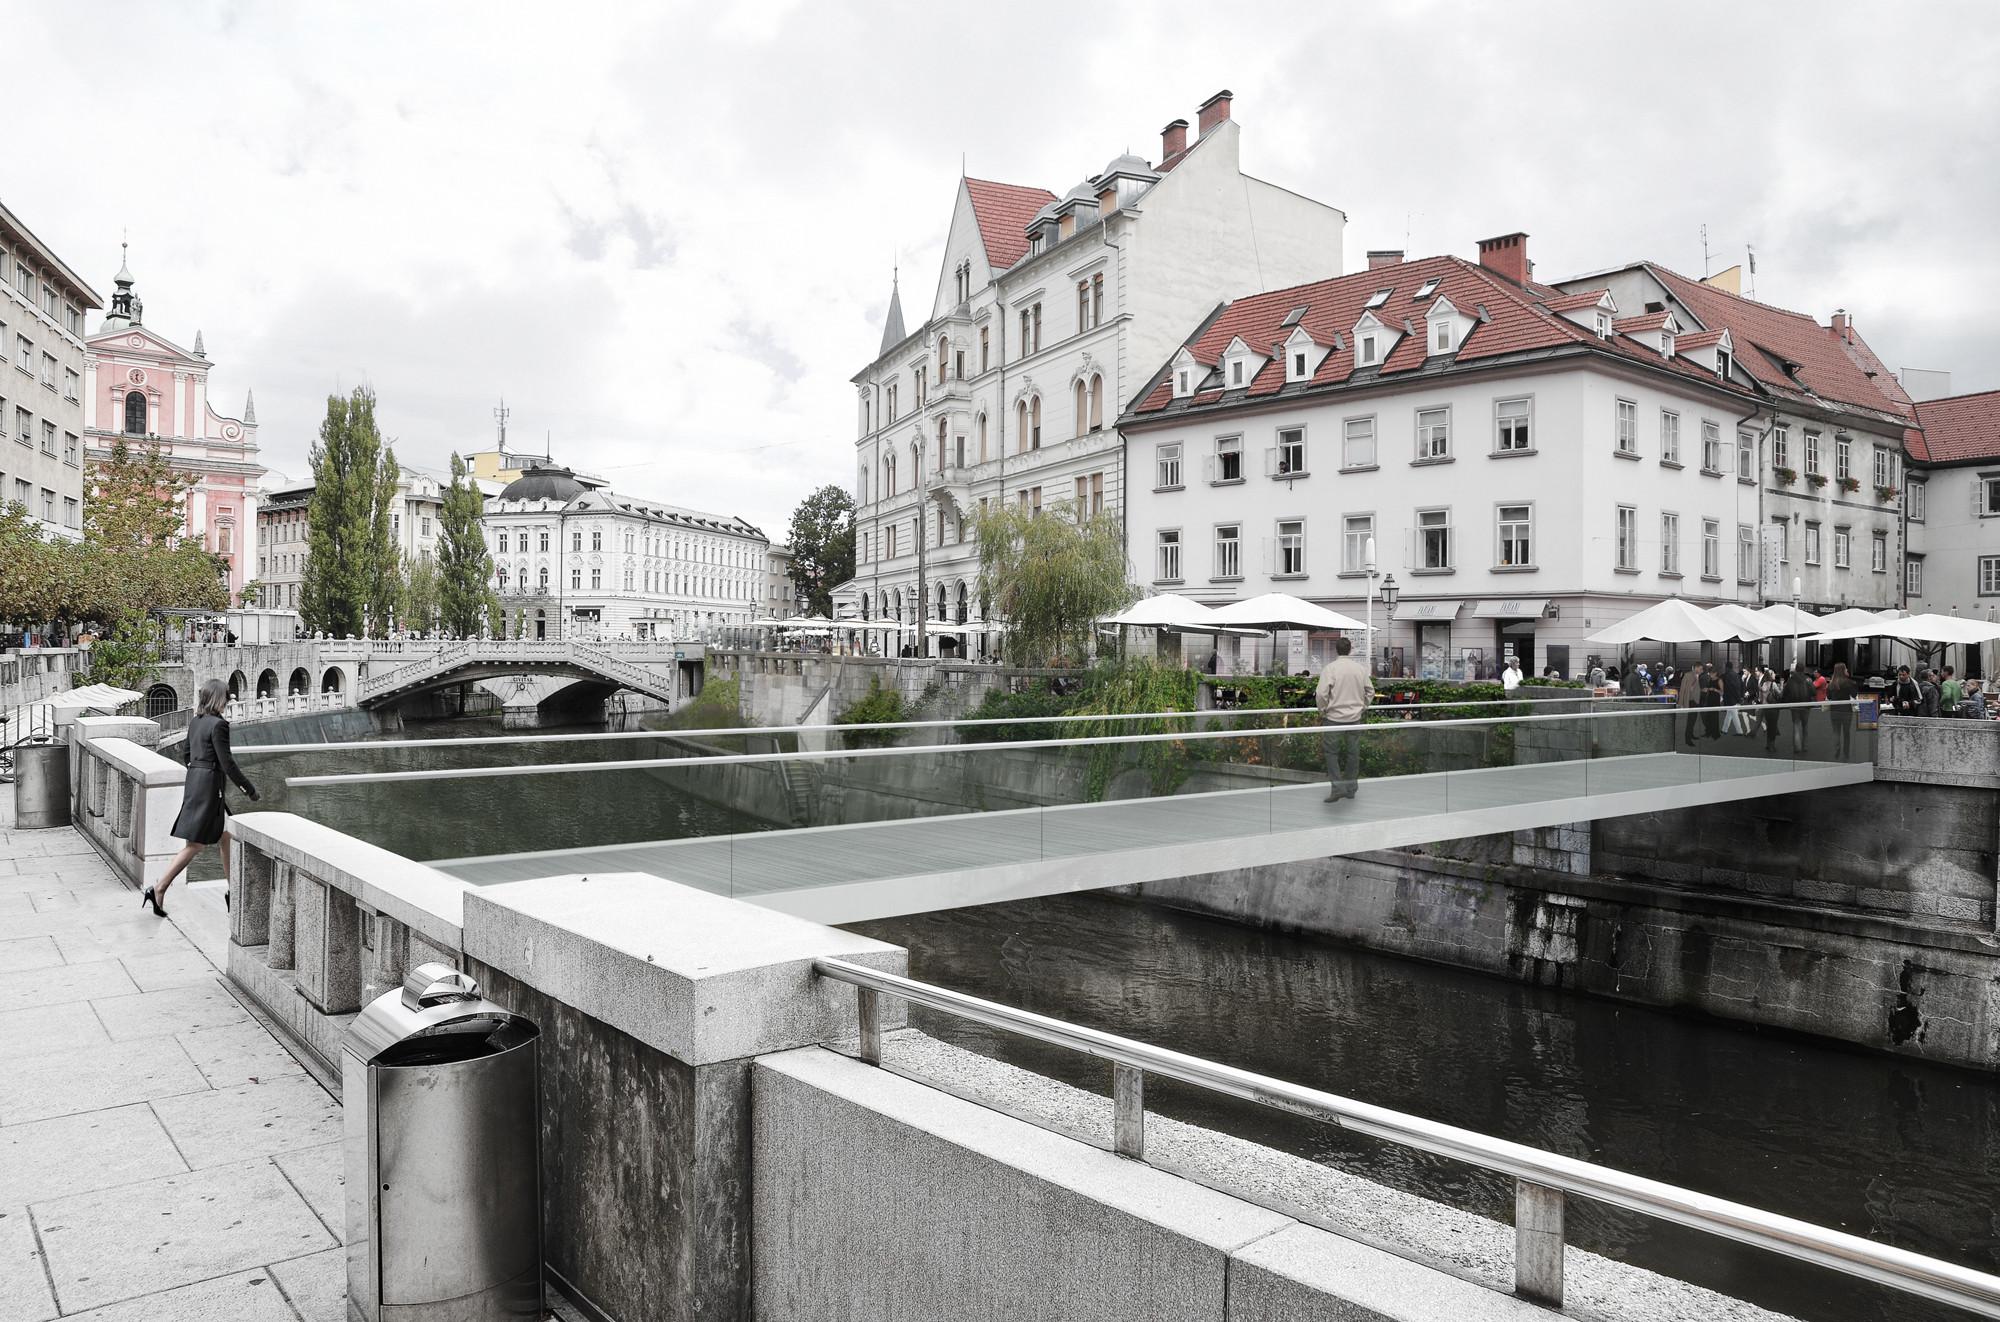 Footbridge in Ljubljana / Arhitektura d.o.o., Courtesy of Arhitektura d.o.o.